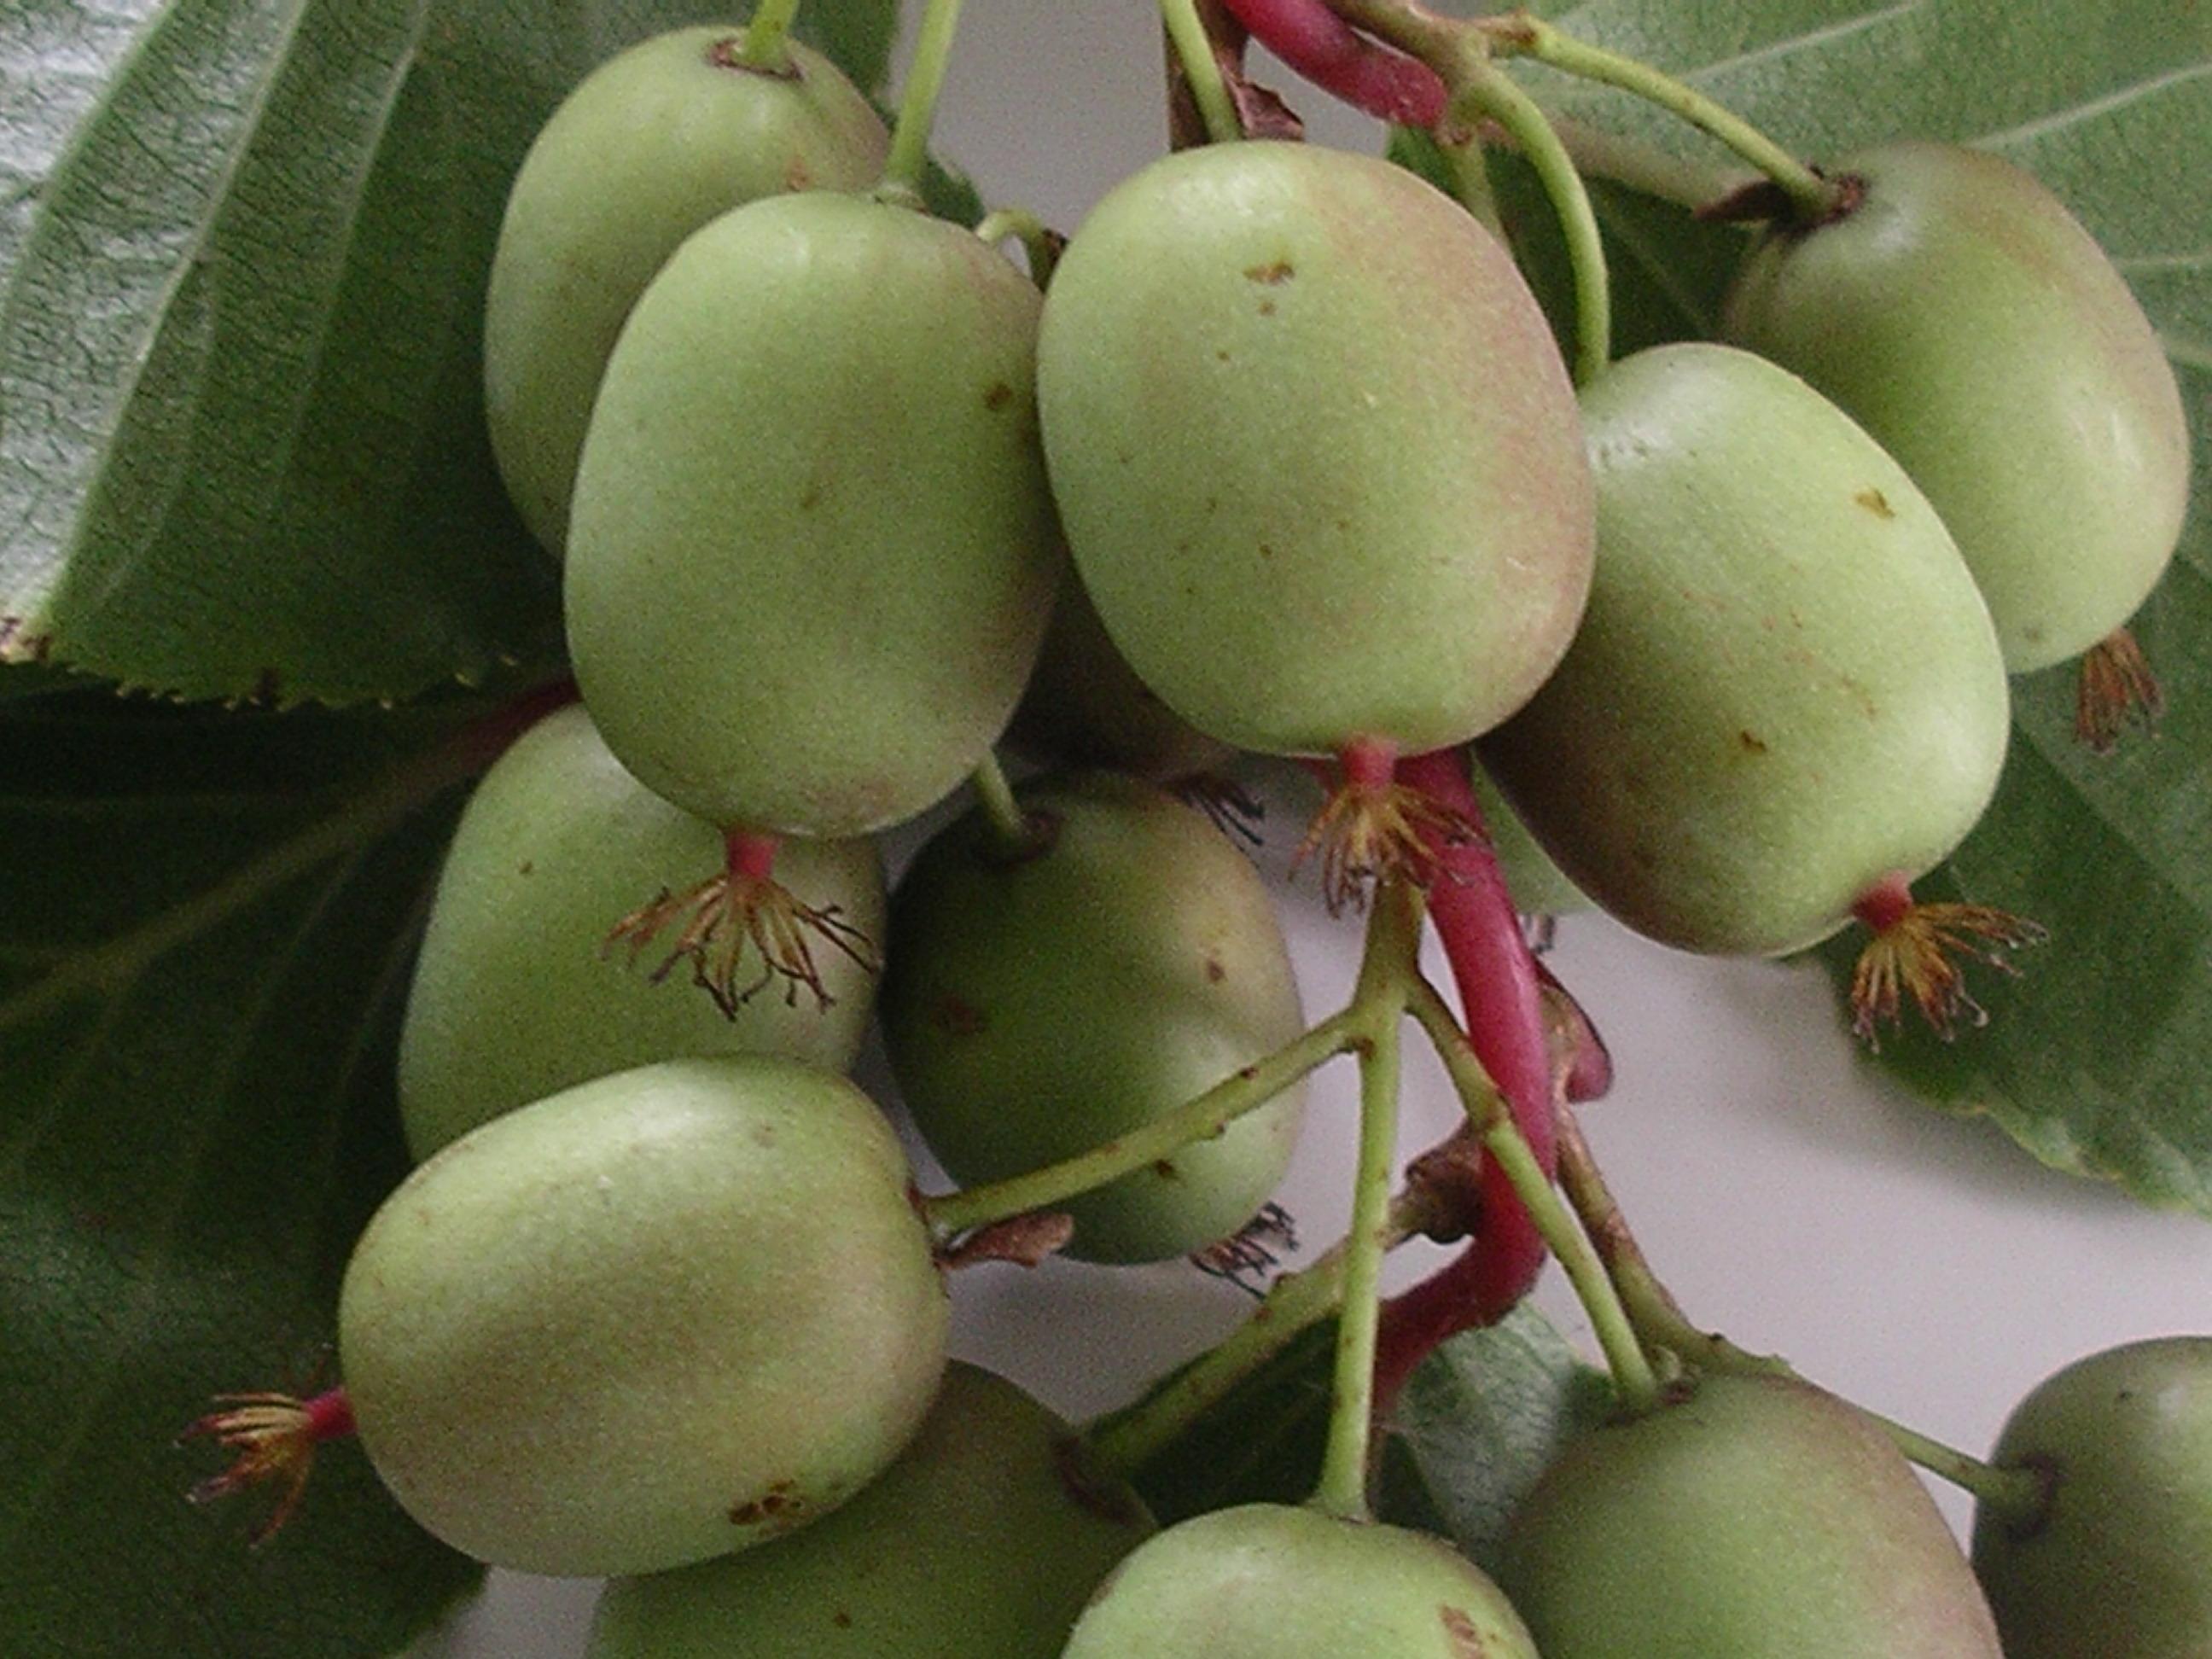 Recogida kiwi asturias